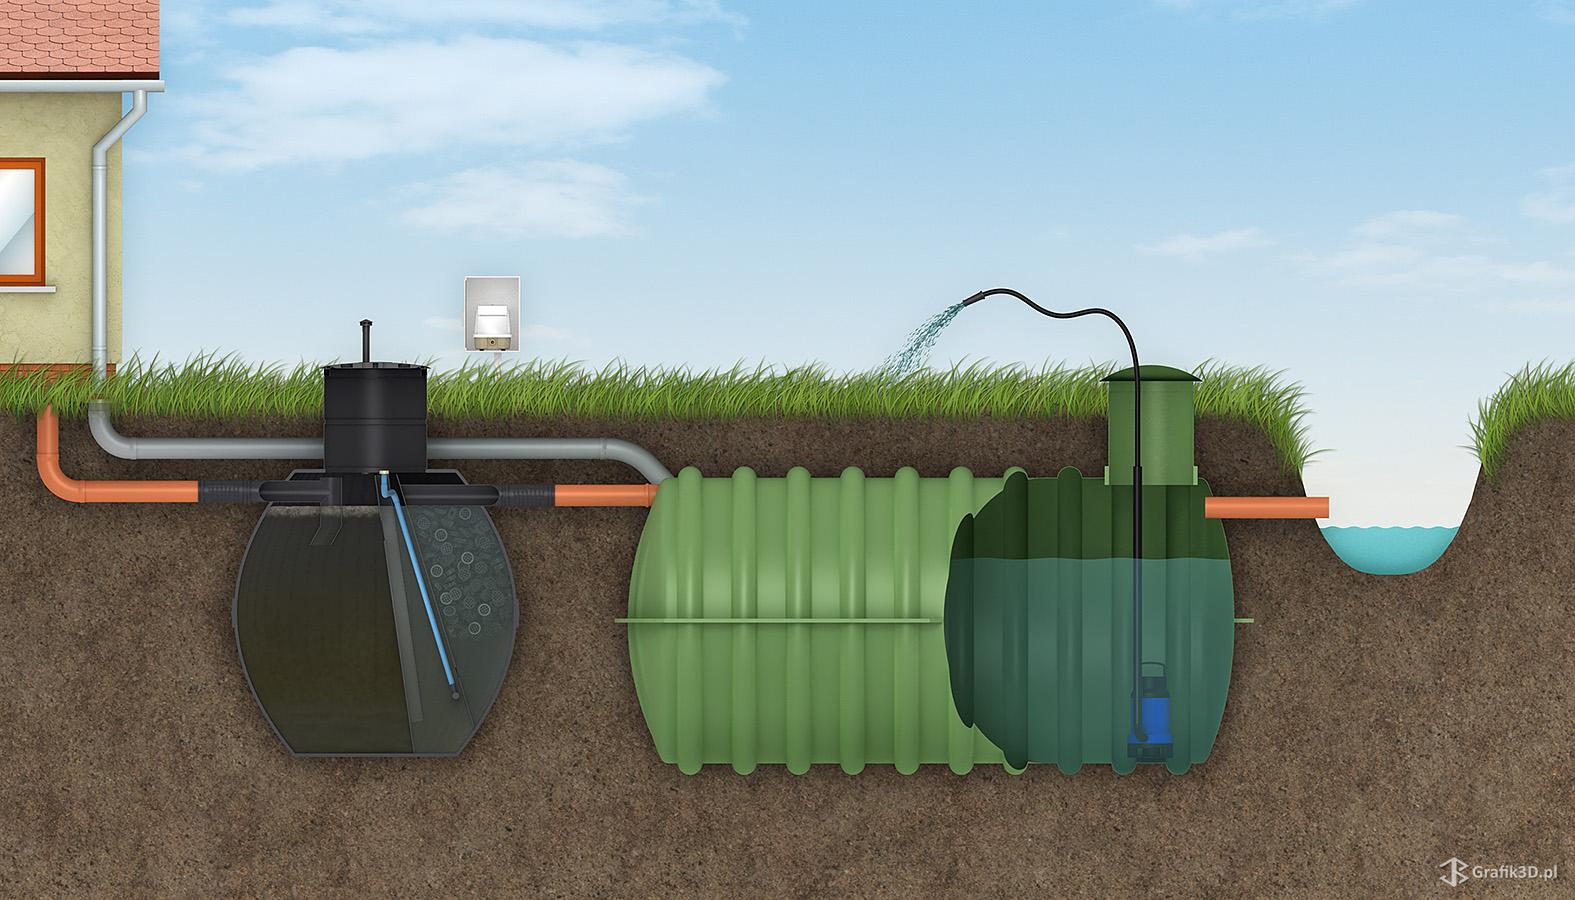 Zlecenie wizualizacji 3d przydomowej oczyszczalni